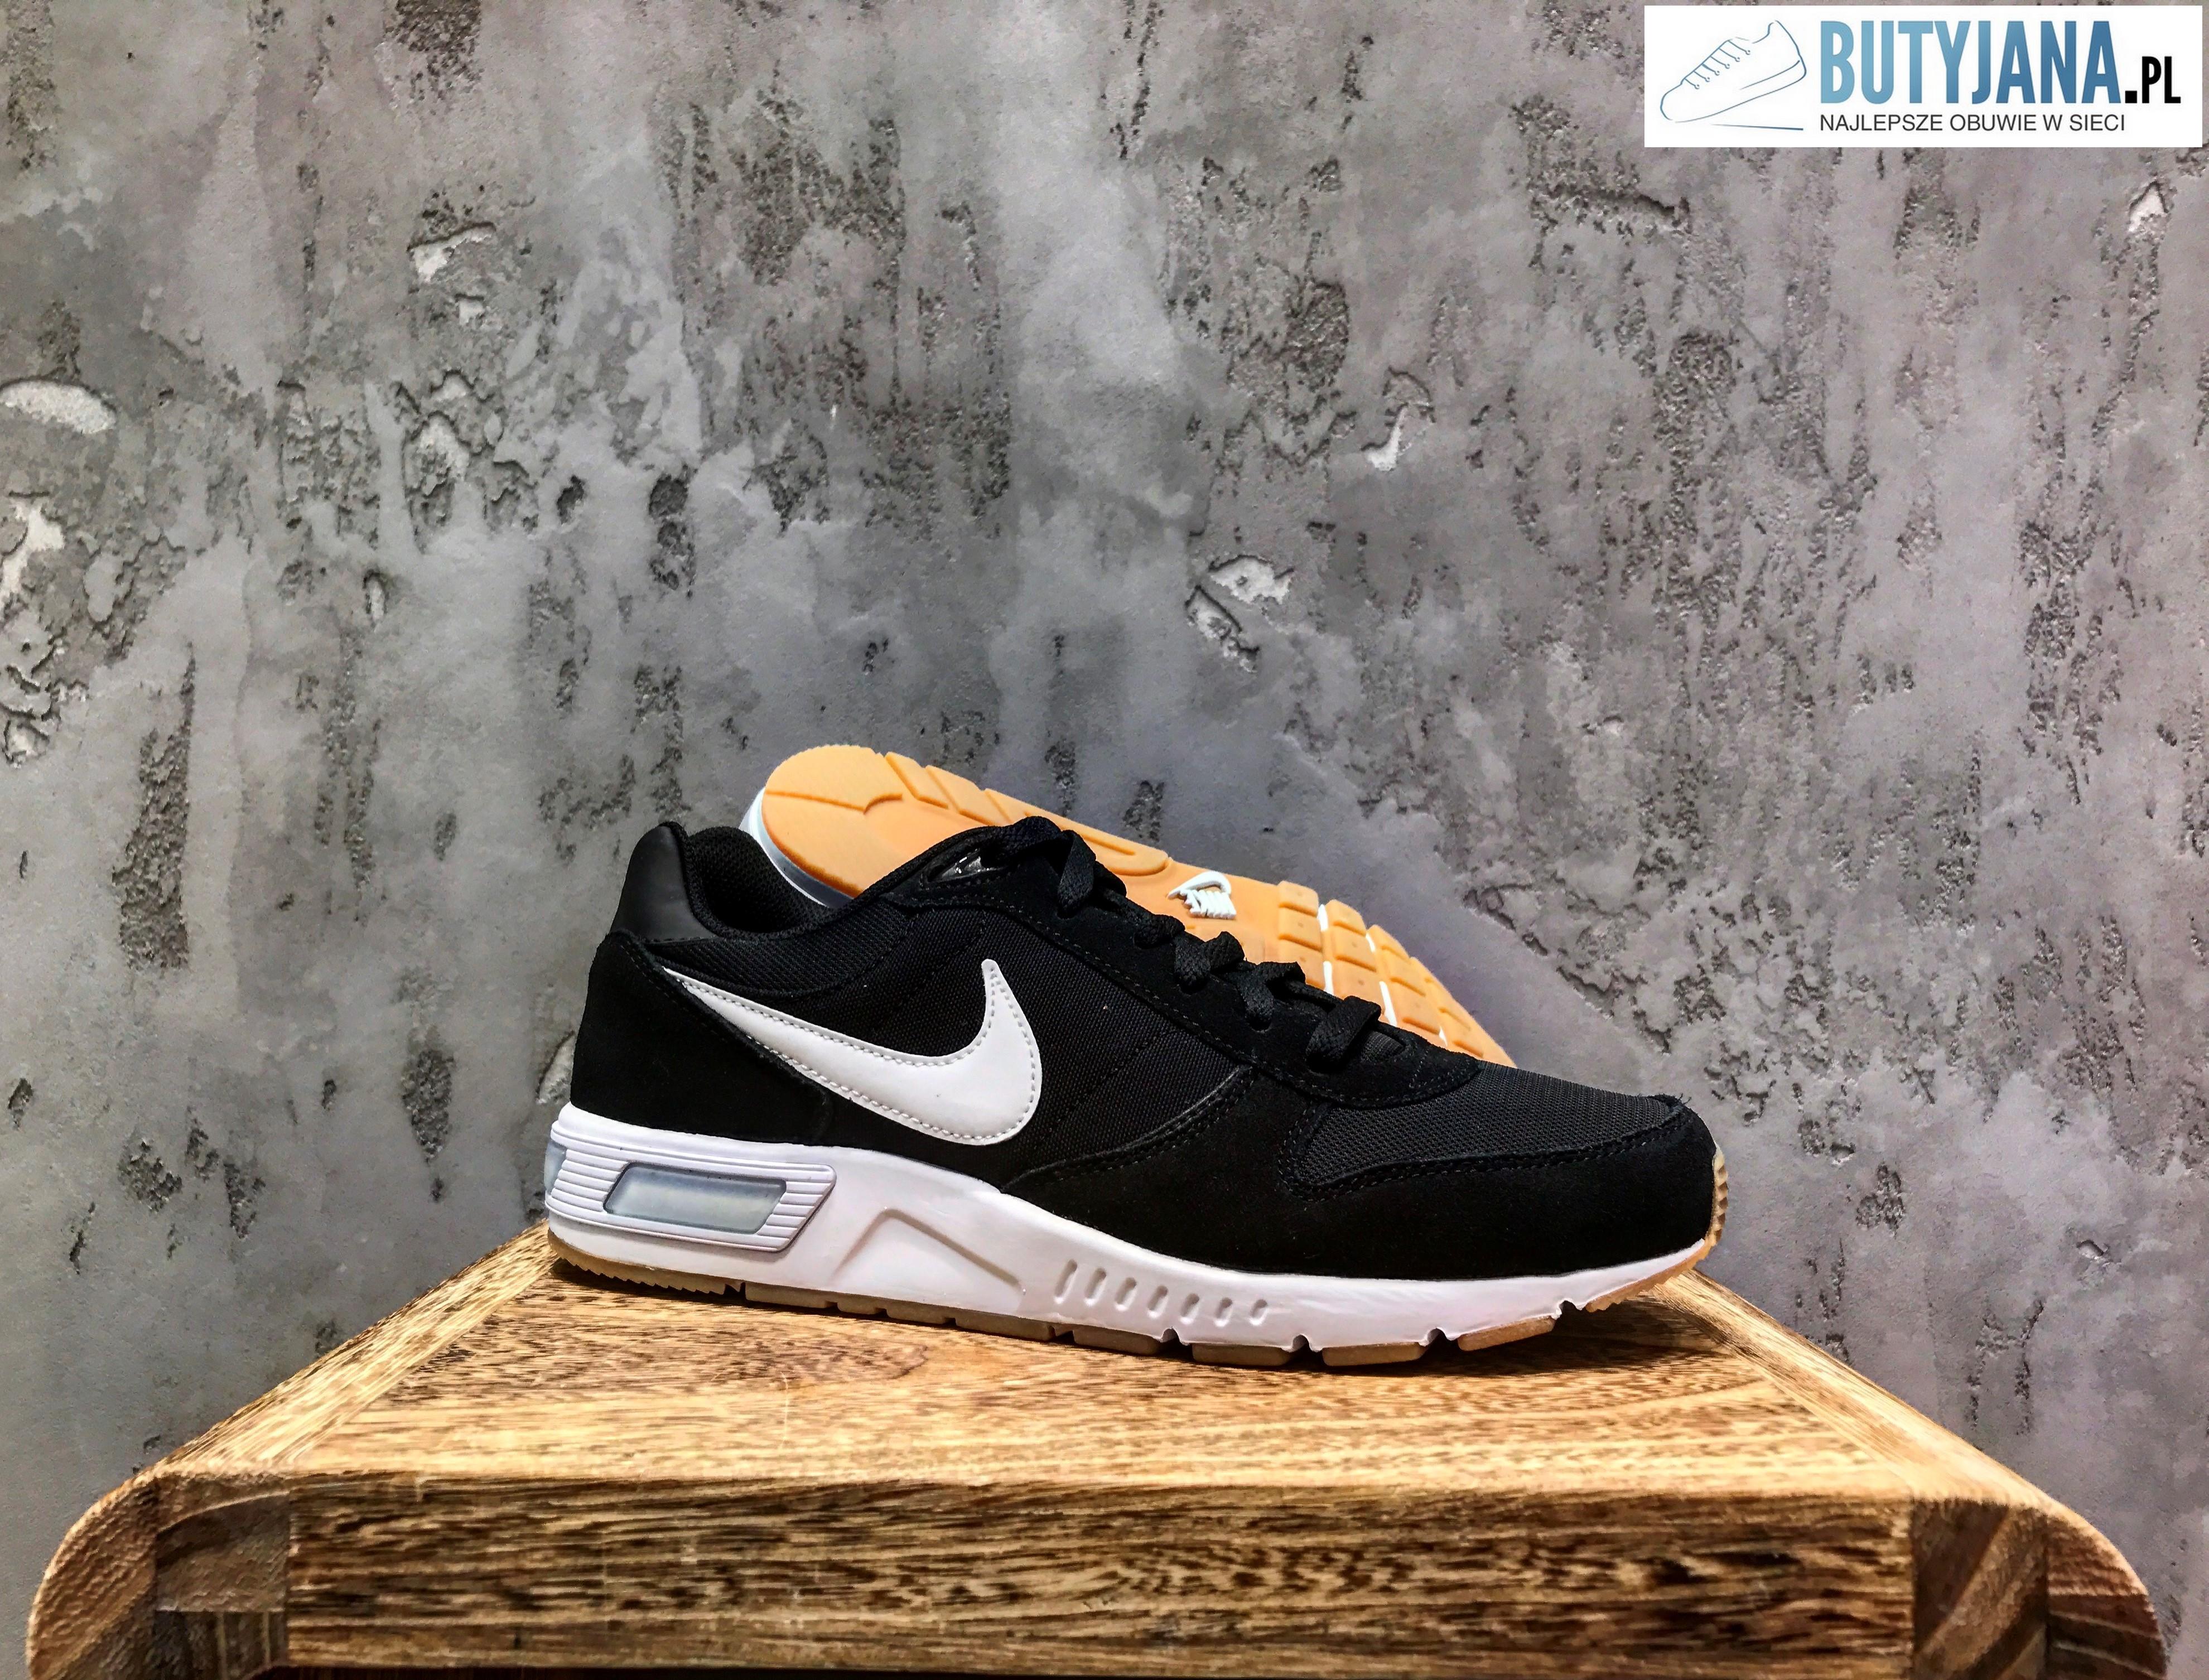 Wyprzedaż Nike Nightgazer Butyjana